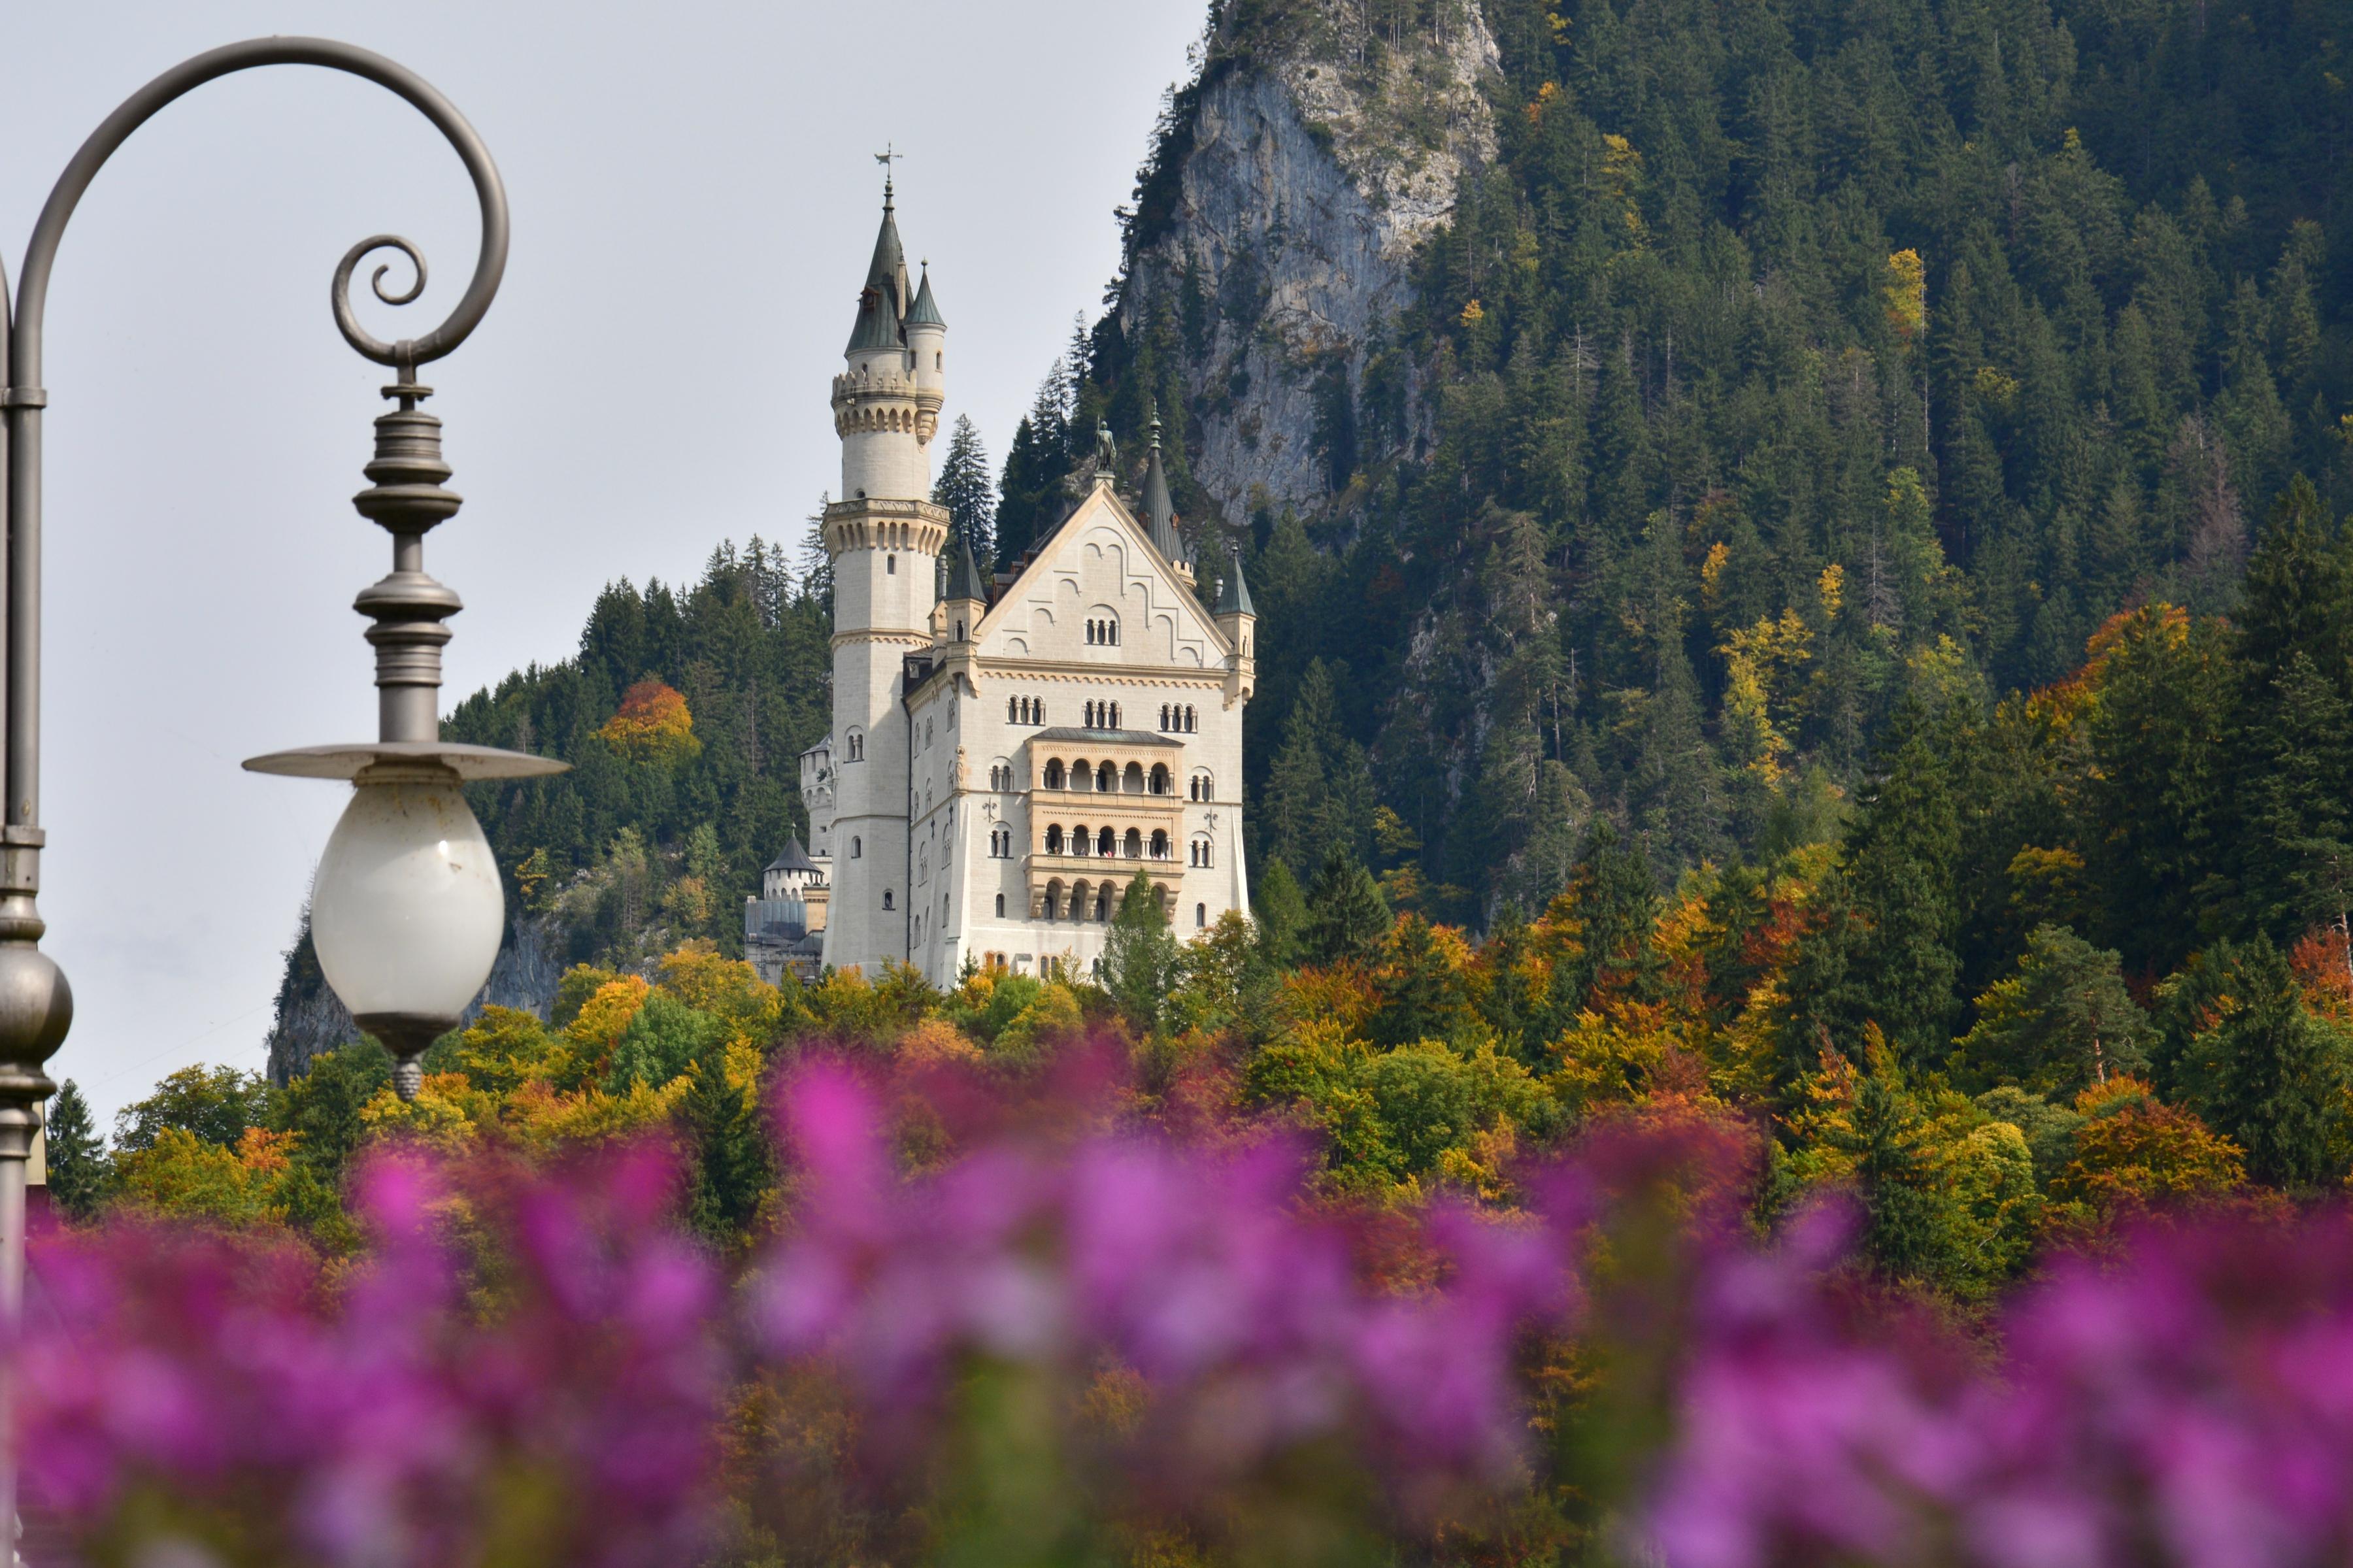 B0122 Herbstzauber Schloss Neuschwanstein.jpg